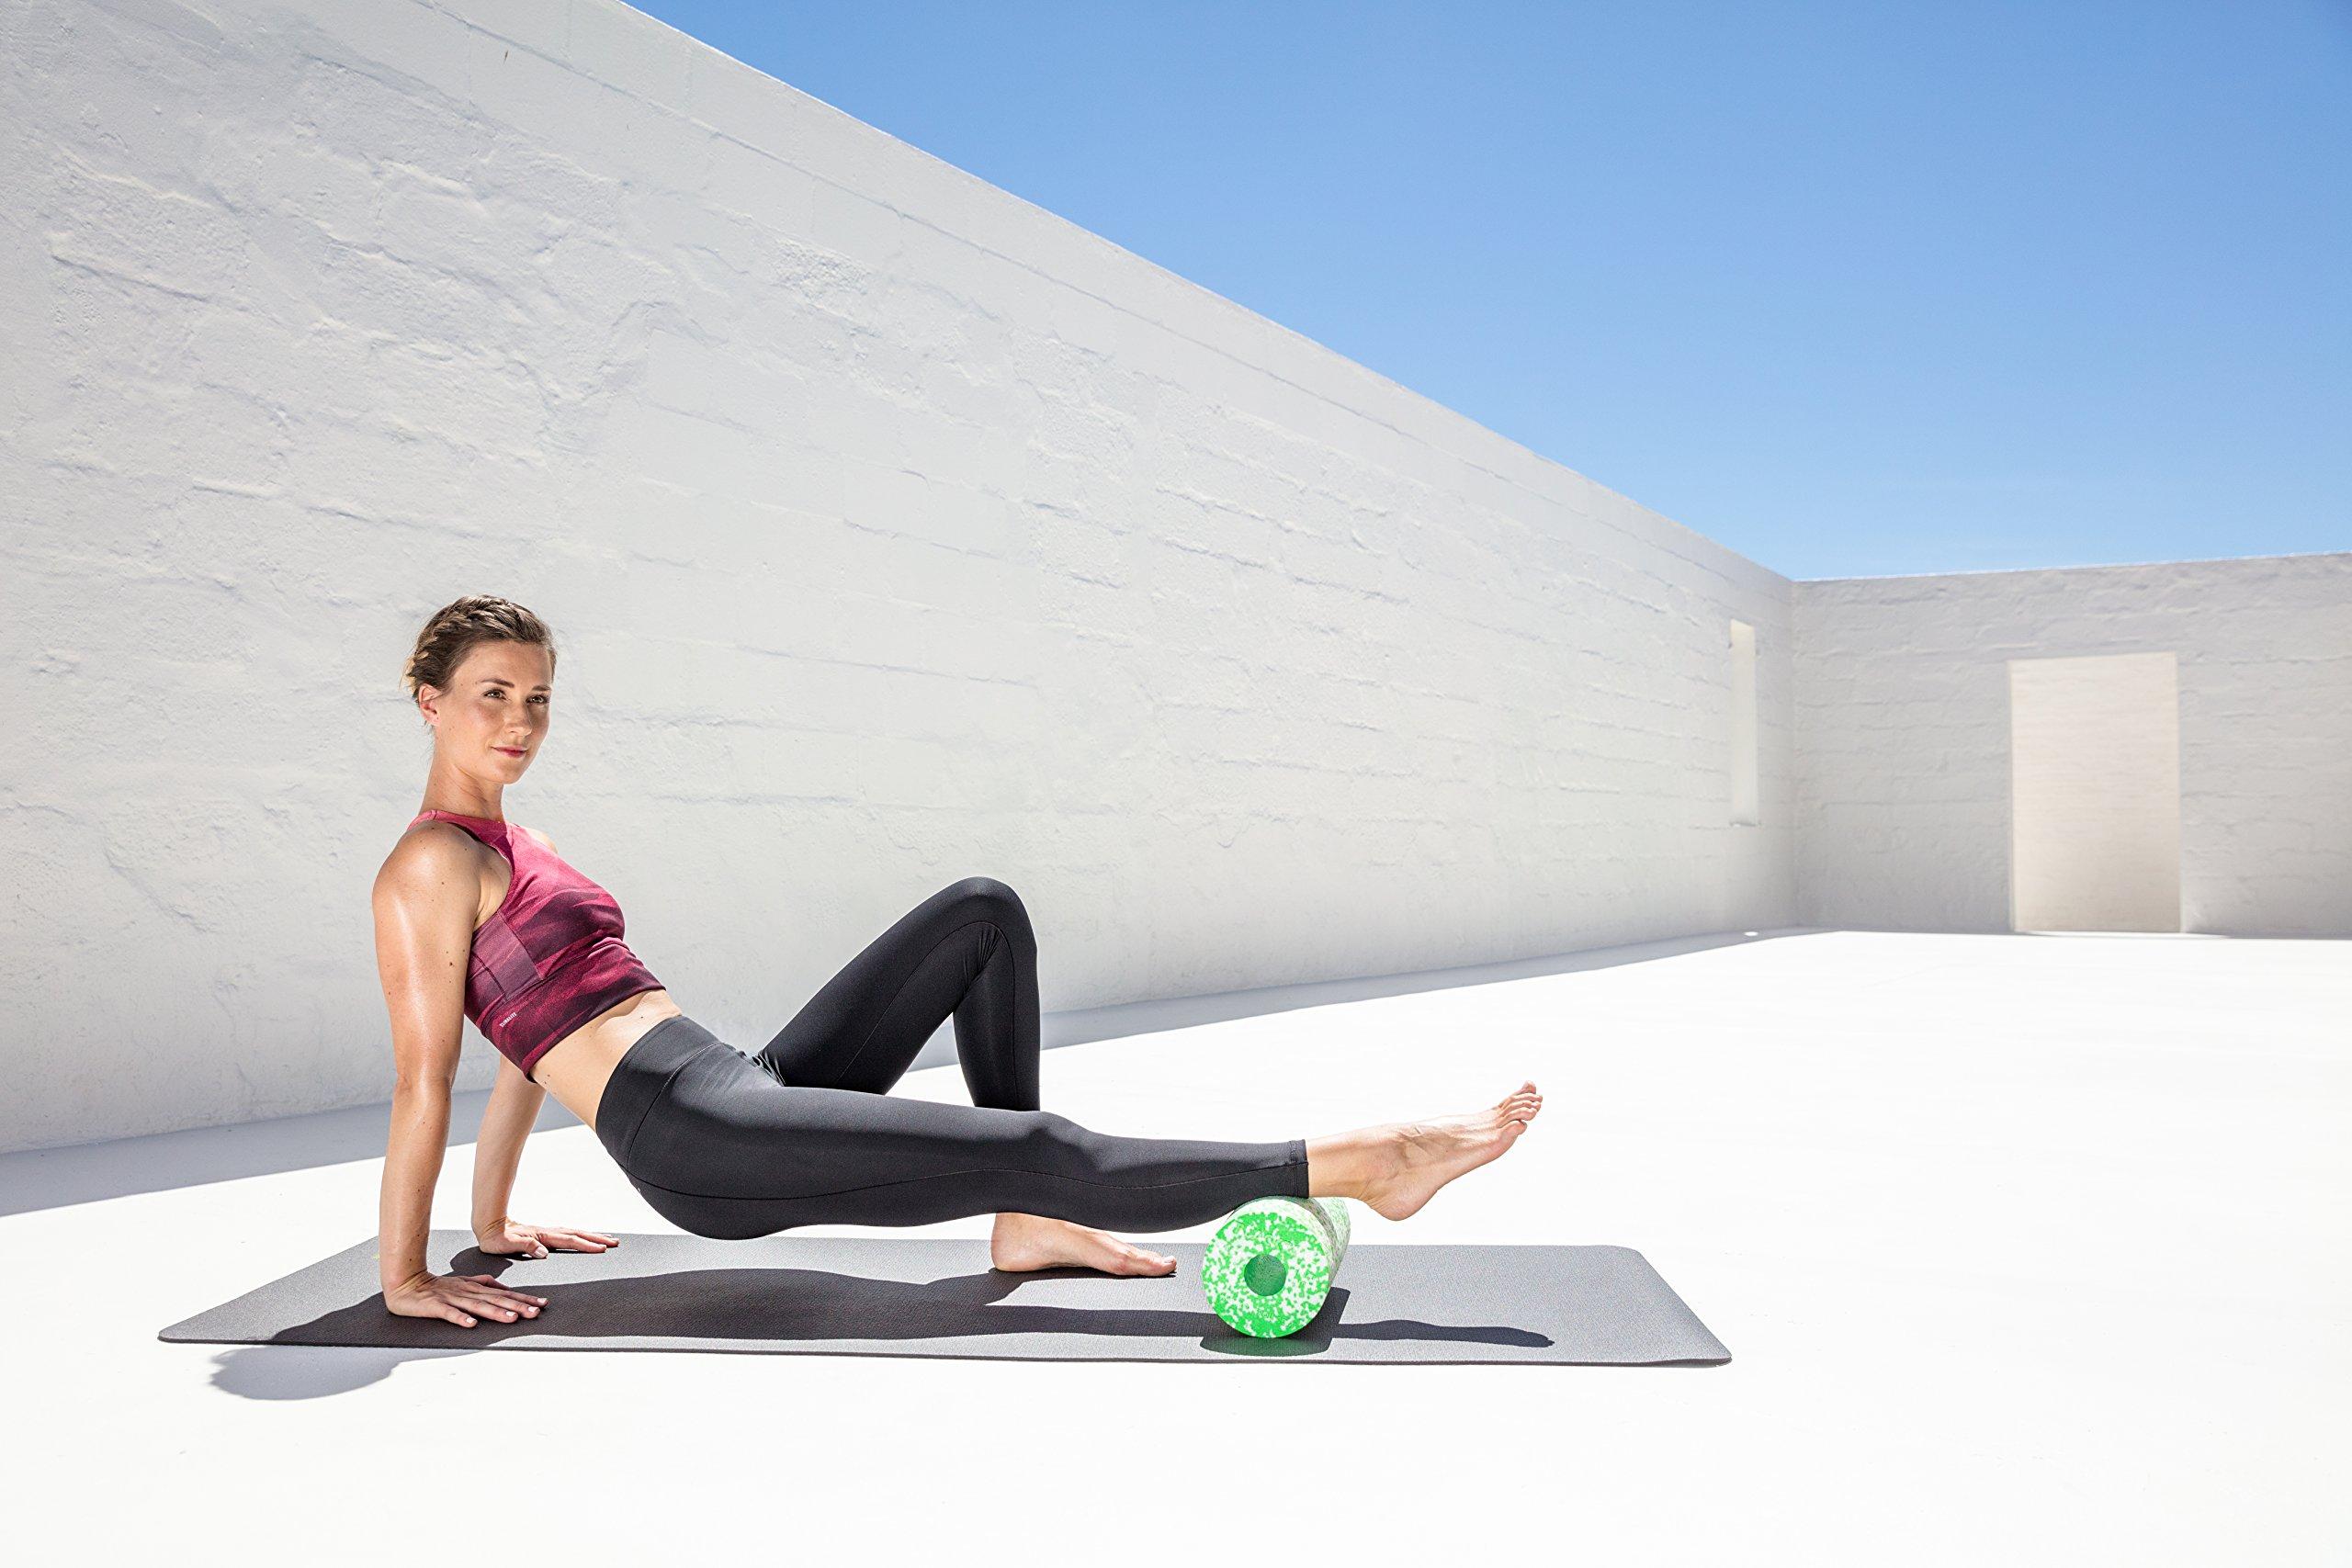 BLACKROLL MED Faszienrolle – die weiche Massagerolle für dein Faszientraining. Soft Selbstmassage-Rolle in 2 Farben (grün + pink)